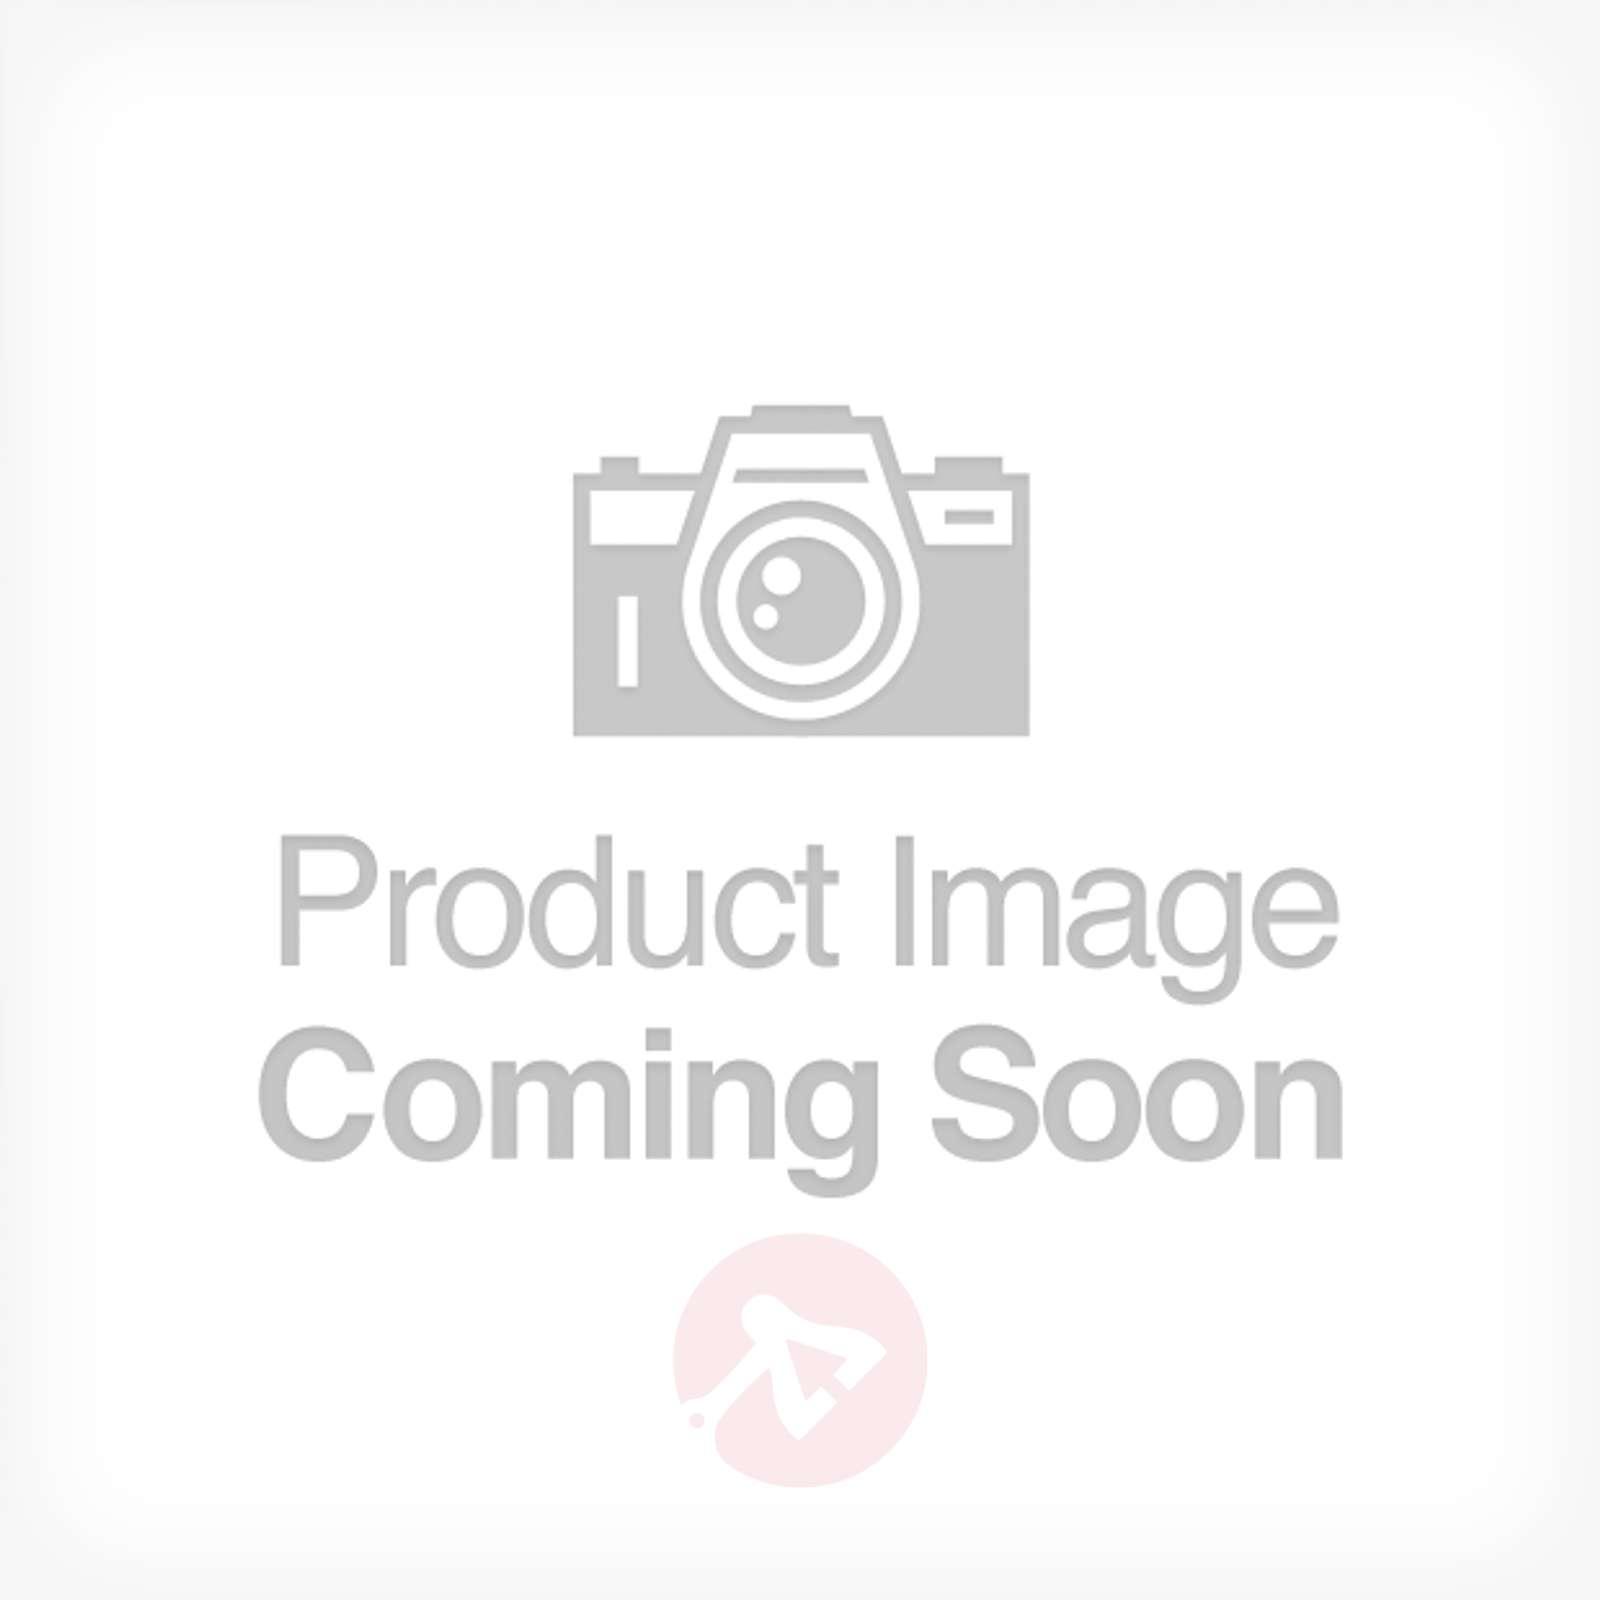 CUBE-seinävalaisin lieriömäisellä häikäisysuojalla-2000305X-01